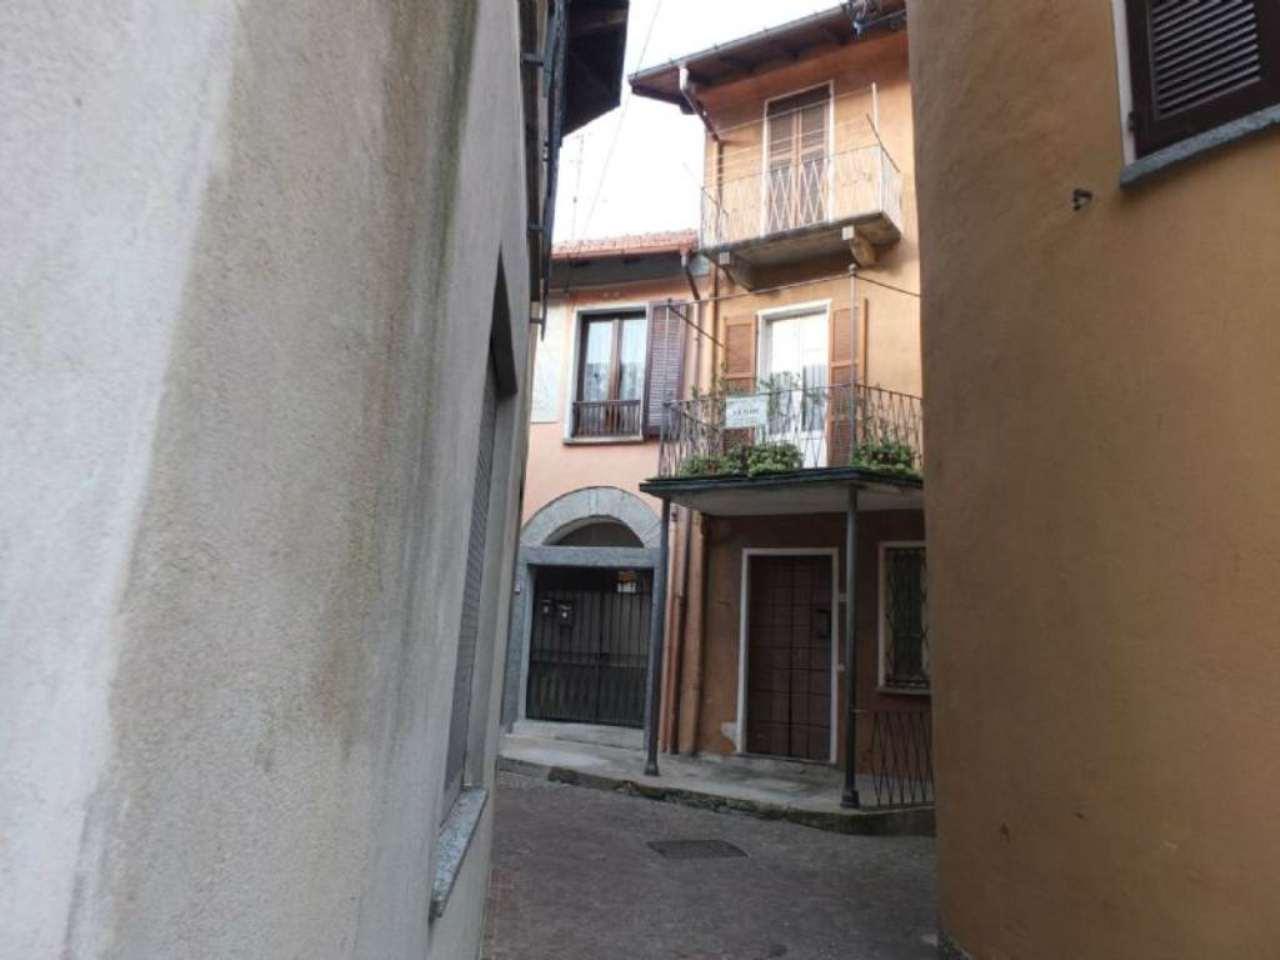 Soluzione Semindipendente in vendita a Maccagno con Pino e Veddasca, 4 locali, prezzo € 55.000 | Cambio Casa.it